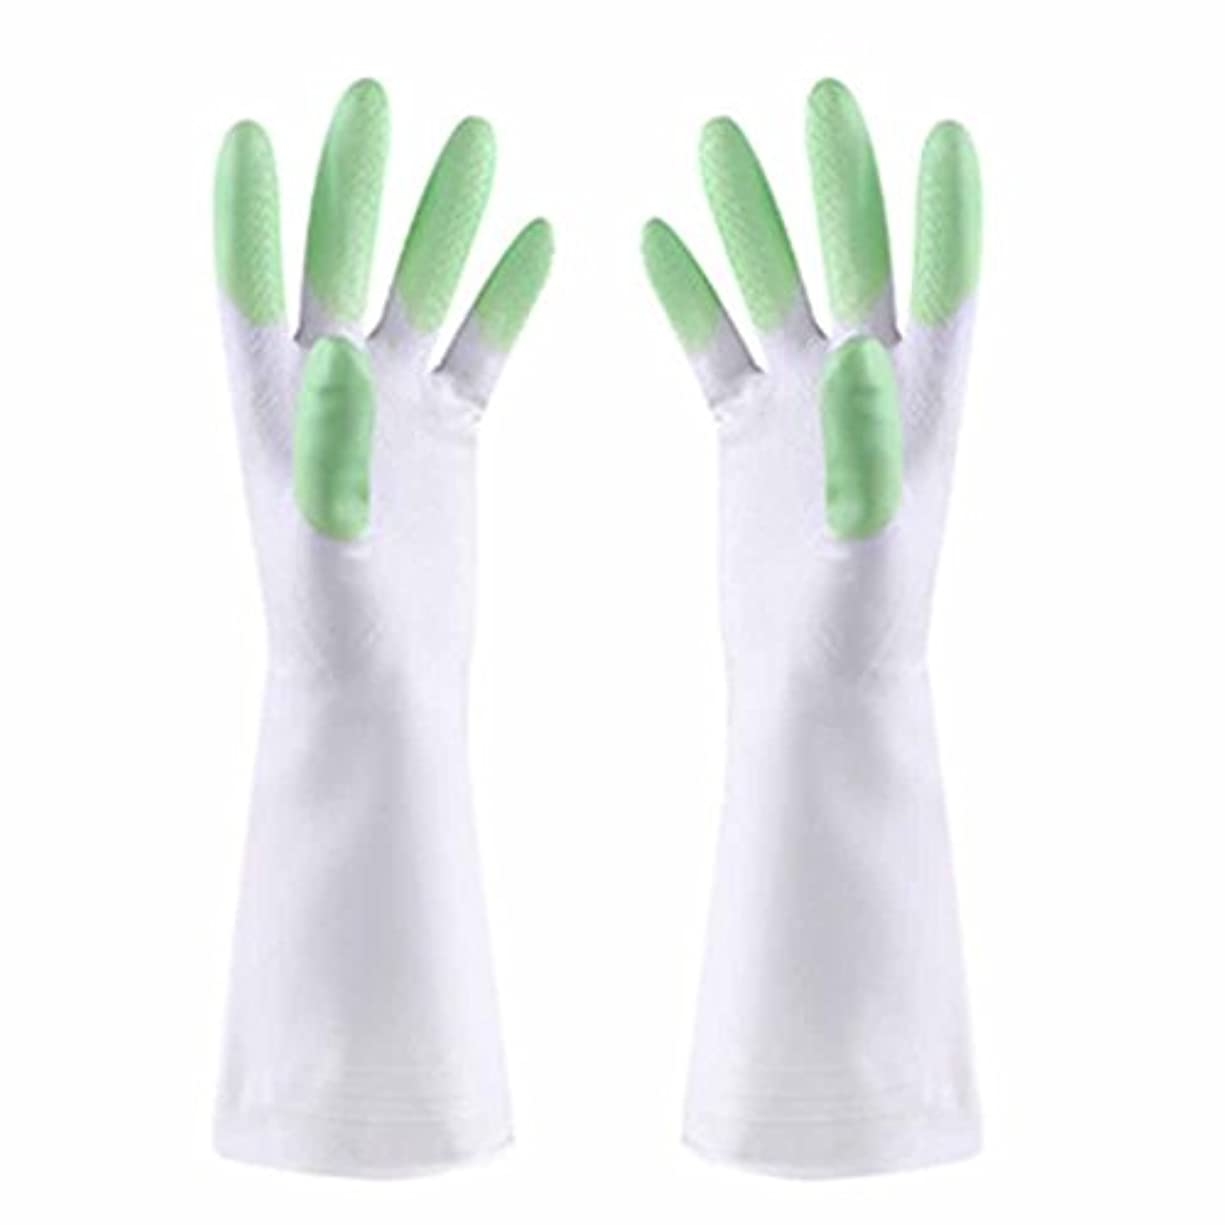 少し曲凶暴な使い捨て手袋 防水性と耐油性の薄い手袋PVCスマートで耐久性の高いキッチン多機能手袋 (Color : Green)